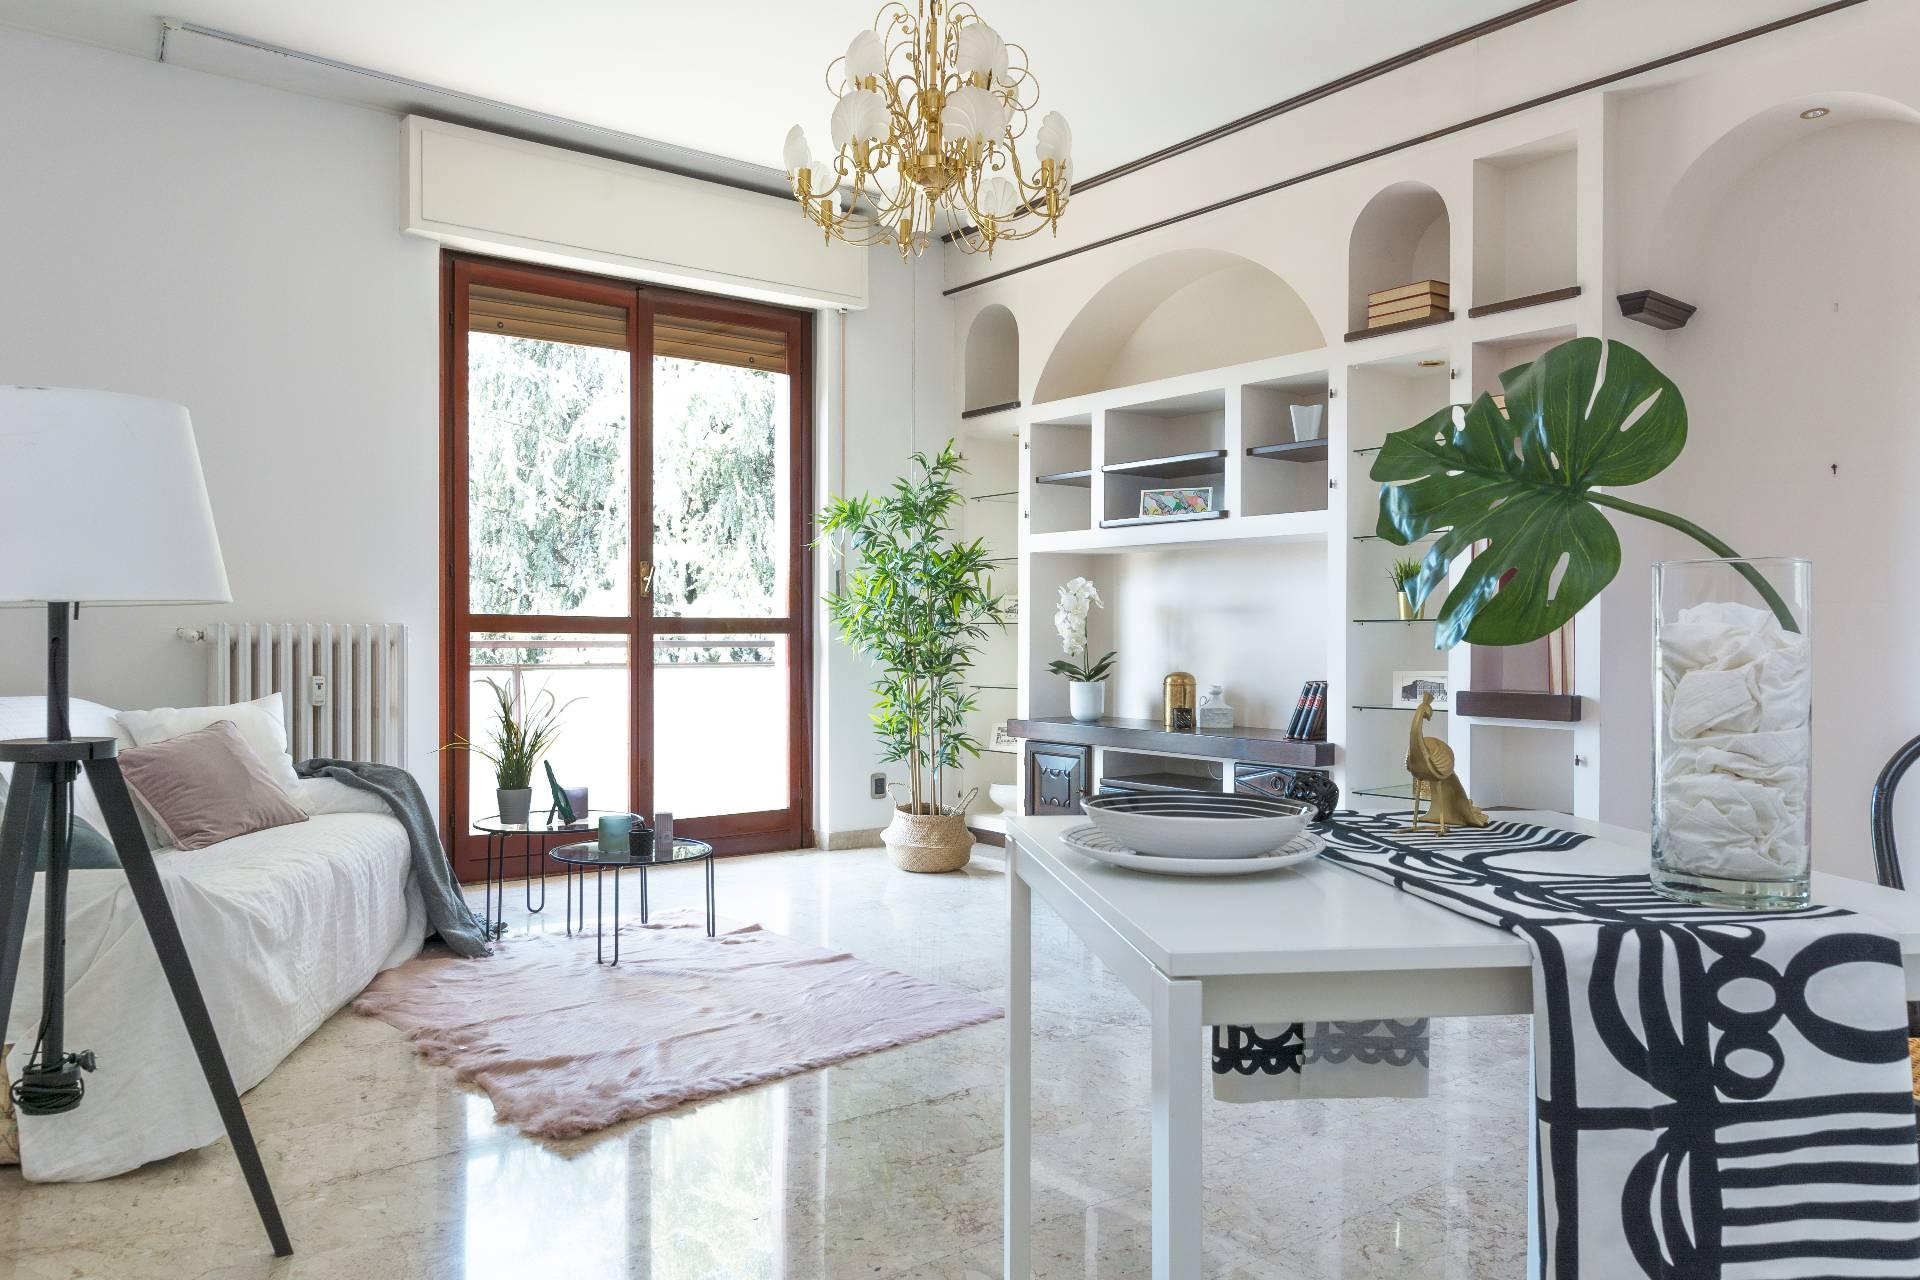 Appartamento in vendita a Milano, 3 locali, zona Zona: 17 . Quarto Oggiaro, Villapizzone, Certosa, Vialba, prezzo € 295.000 | CambioCasa.it